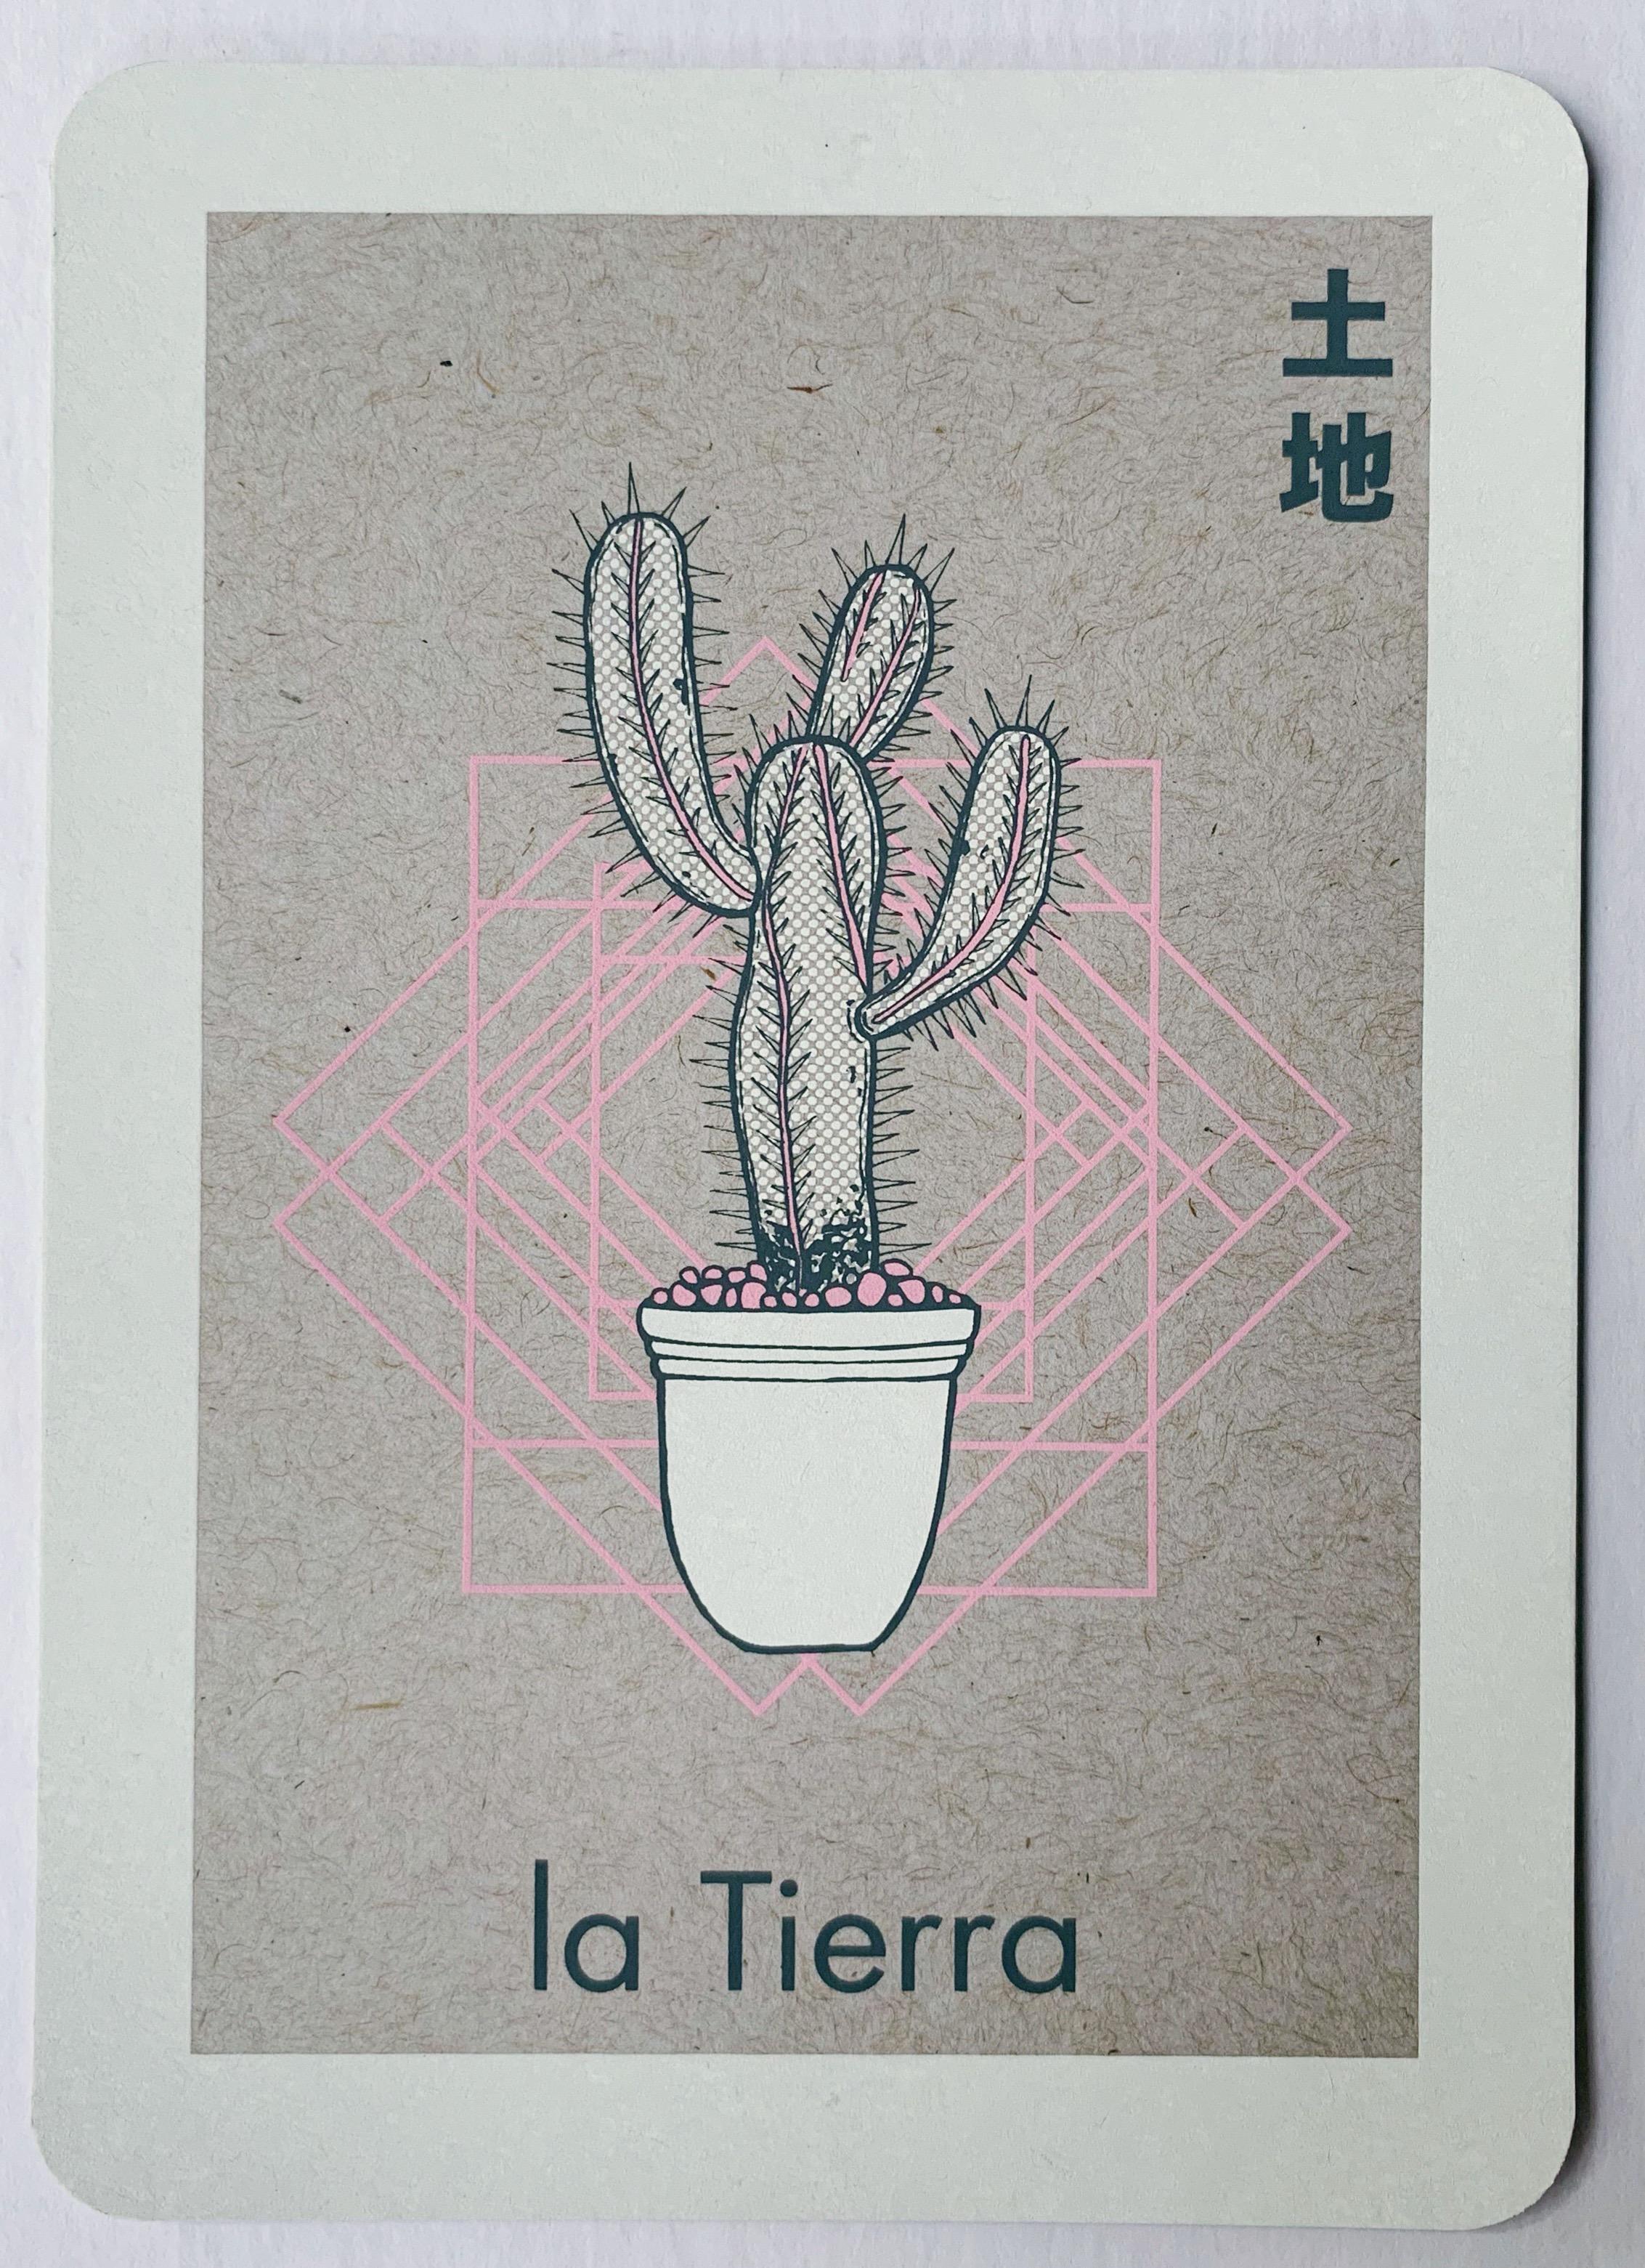 la Tierra, serigraphy, 2017